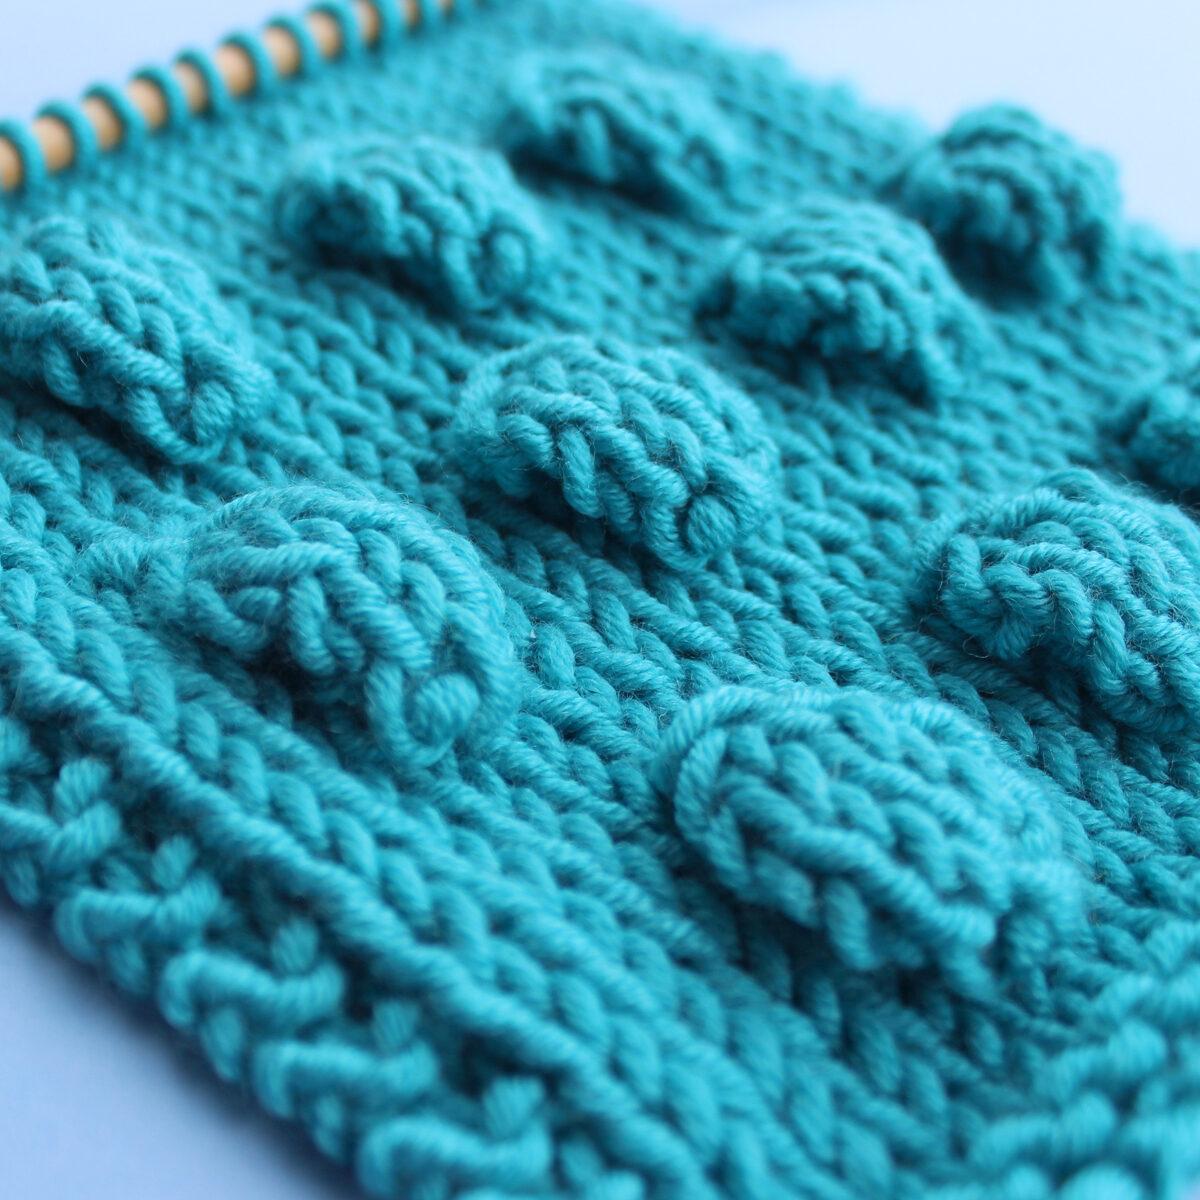 Bočni kut Bobbles u Stockinette Stitch na igli za pletenje u pređi plave boje.